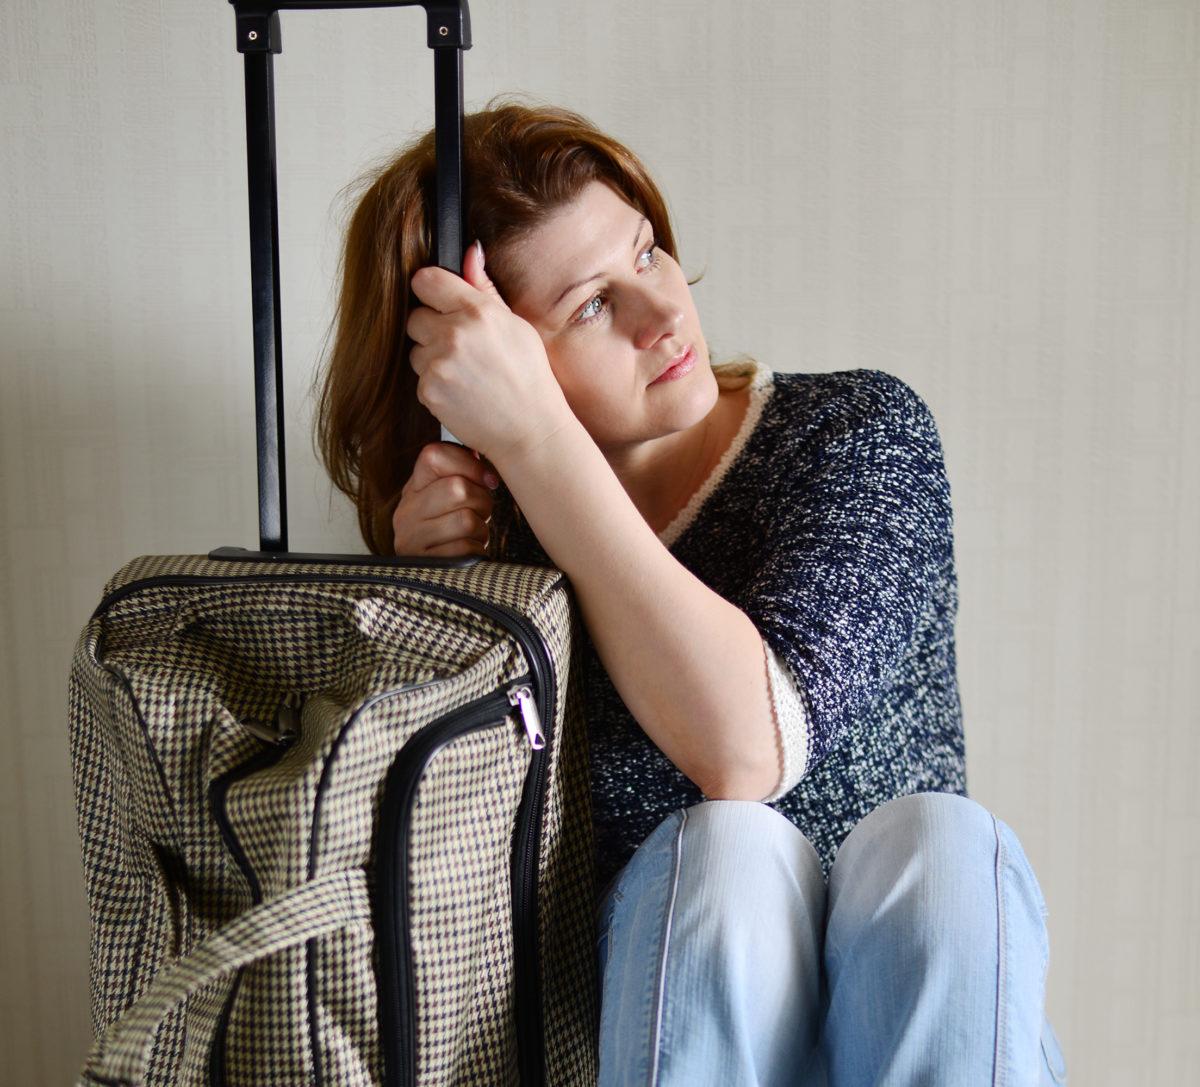 feels guilty for leaving